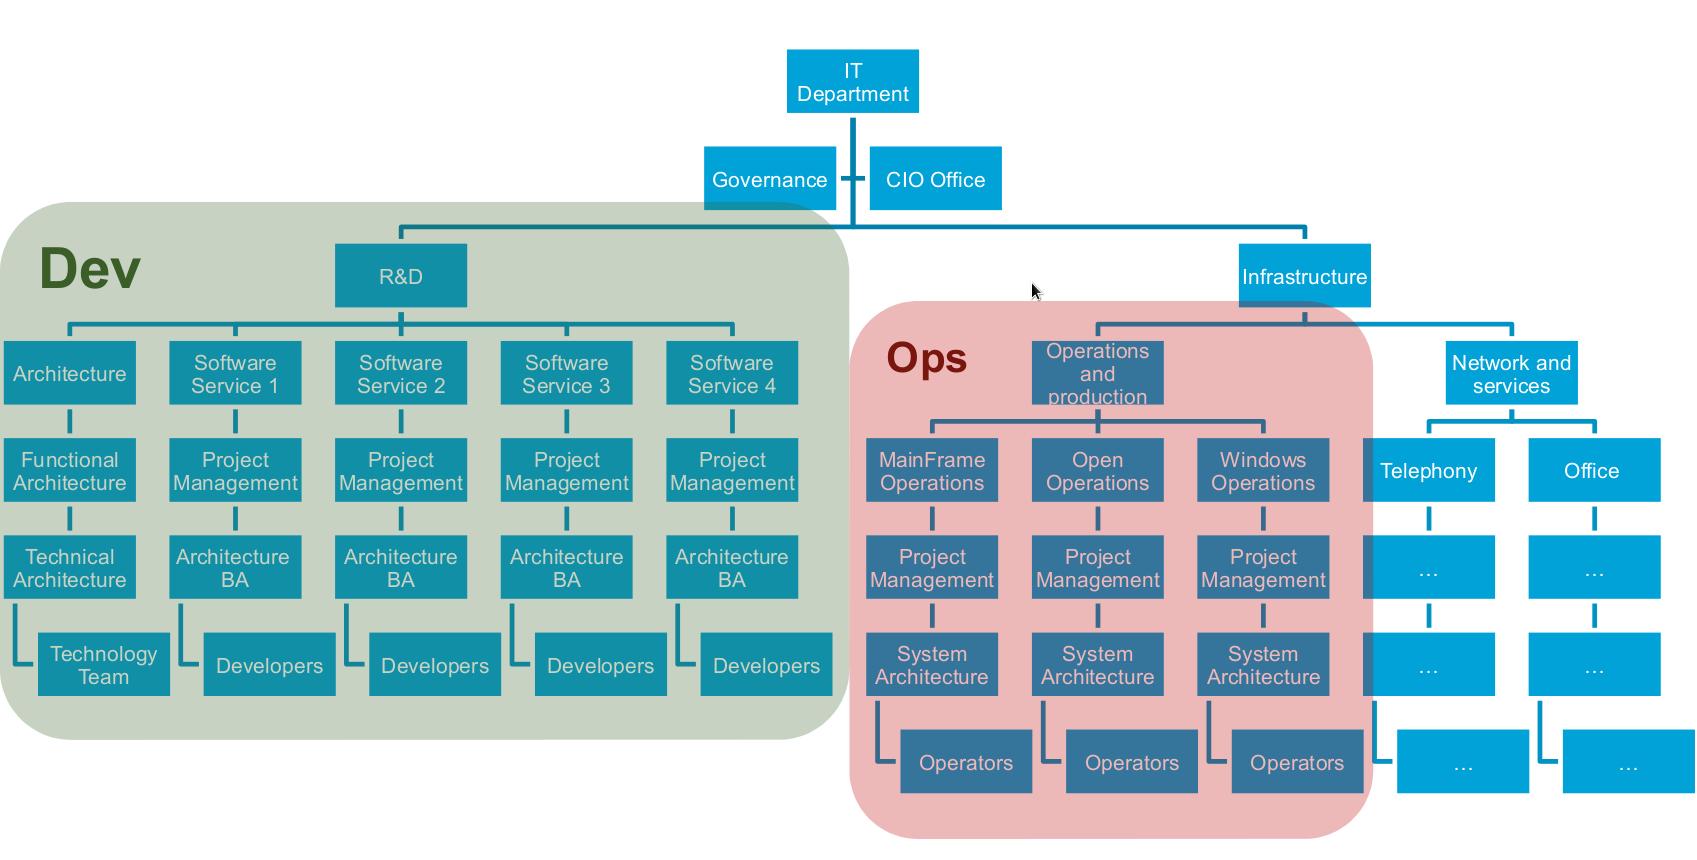 典型的IT组织